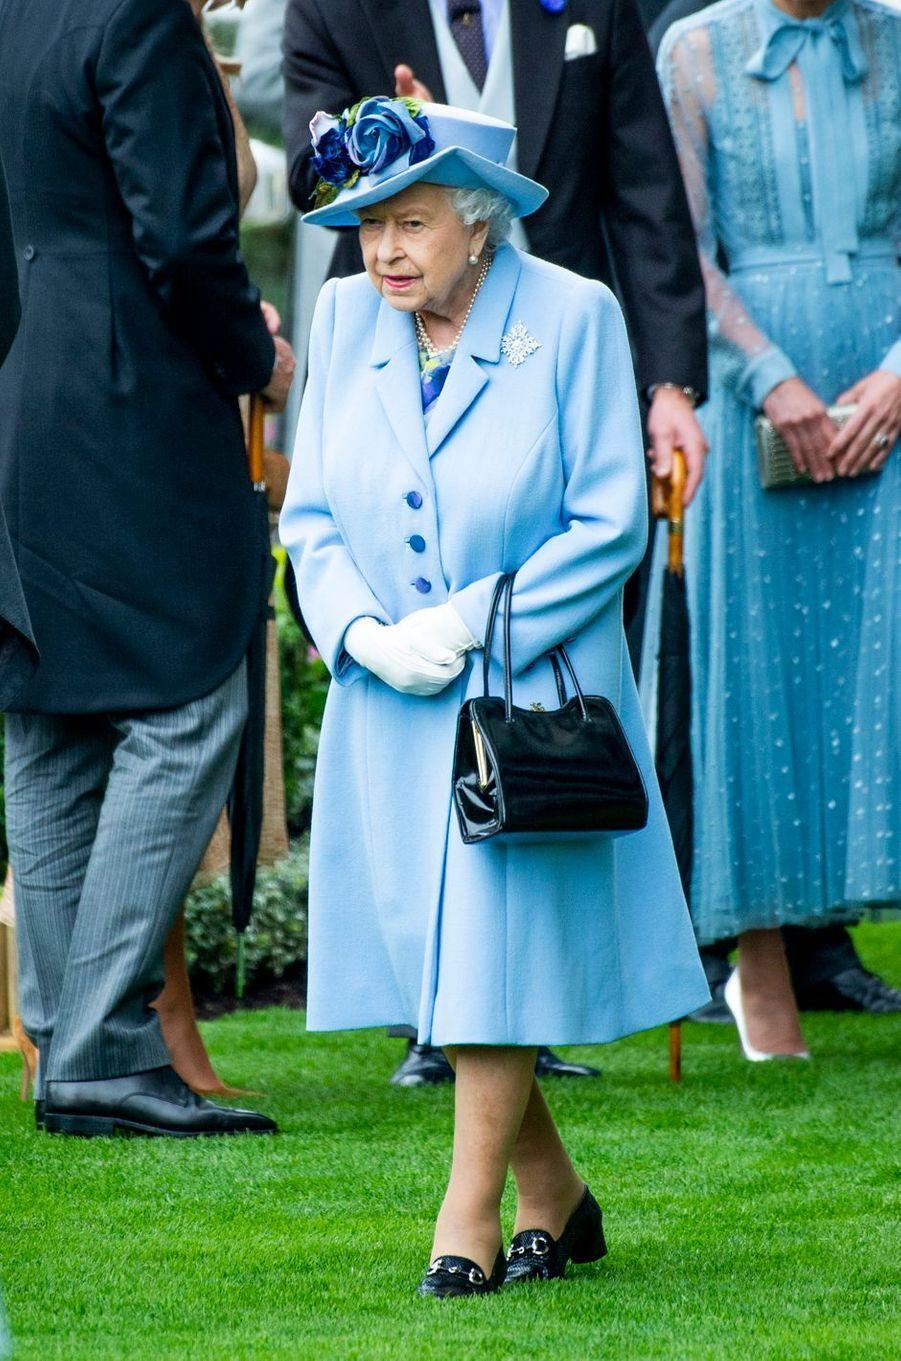 La reine Elizabeth II en bleu au Royal Ascot, le 18 juin 2019